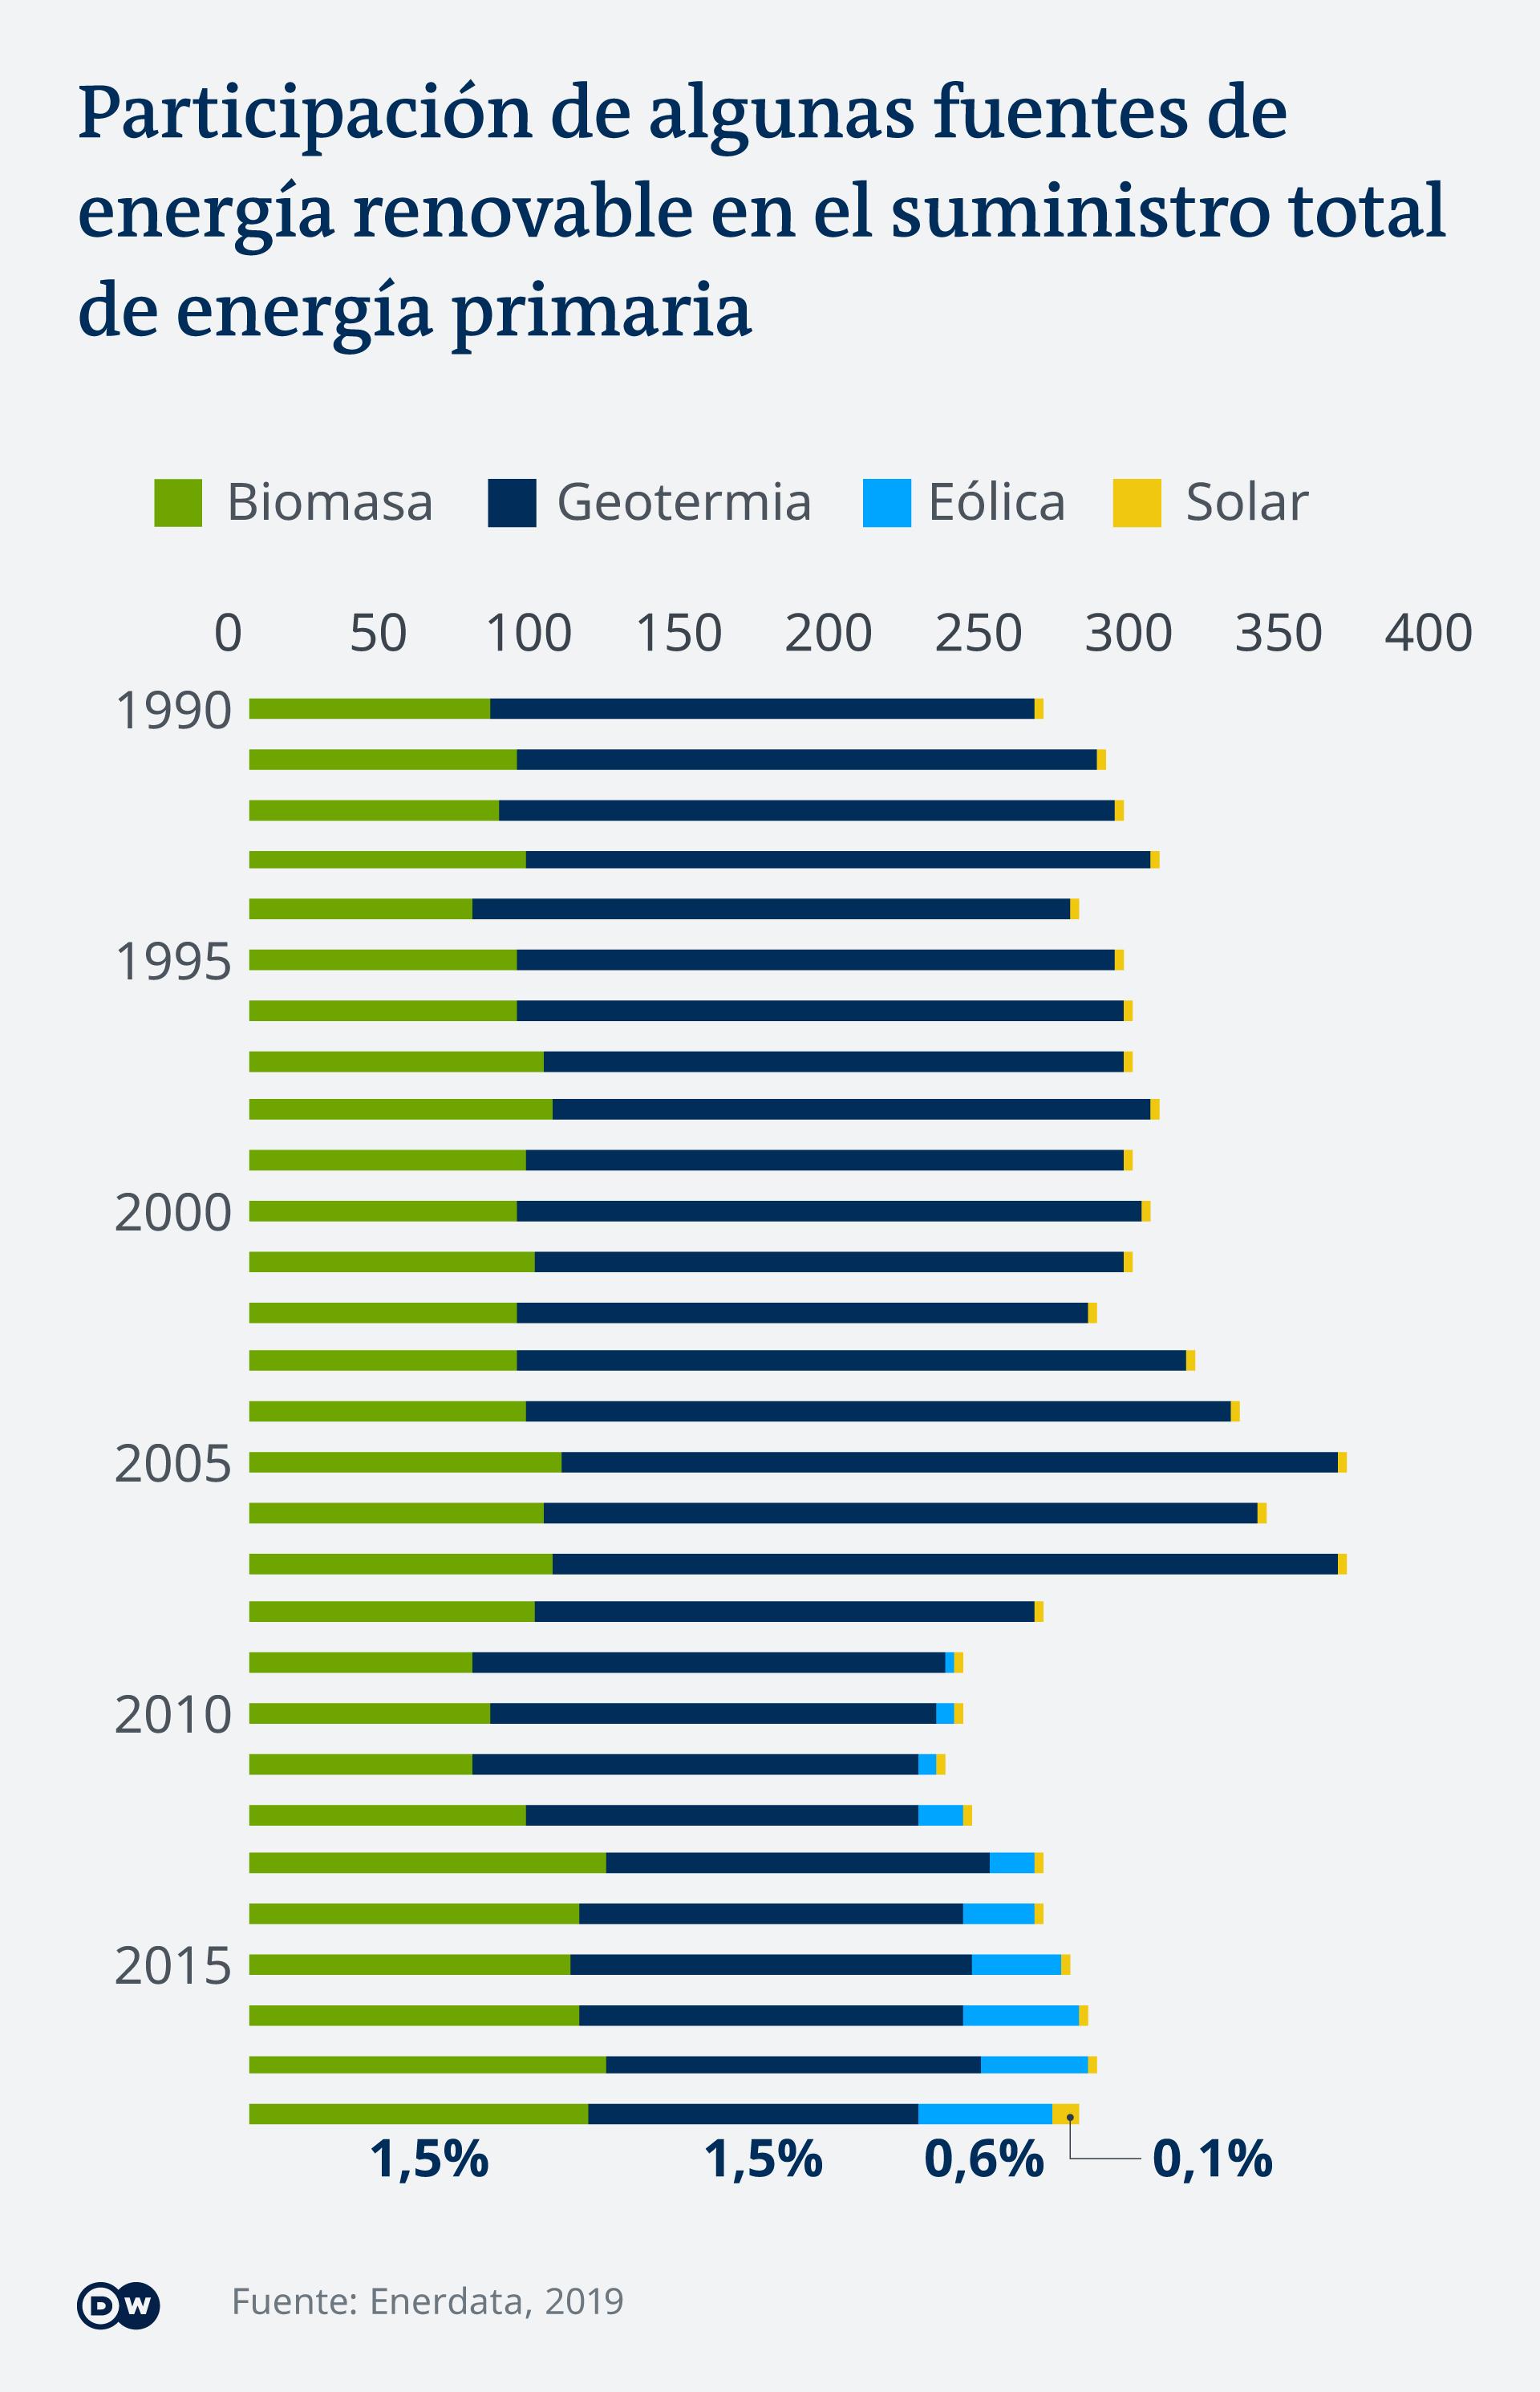 Algunas fuentes renovables de energía, tales como la solar y la eólica incrementaron su participación a lo largo de estos años.